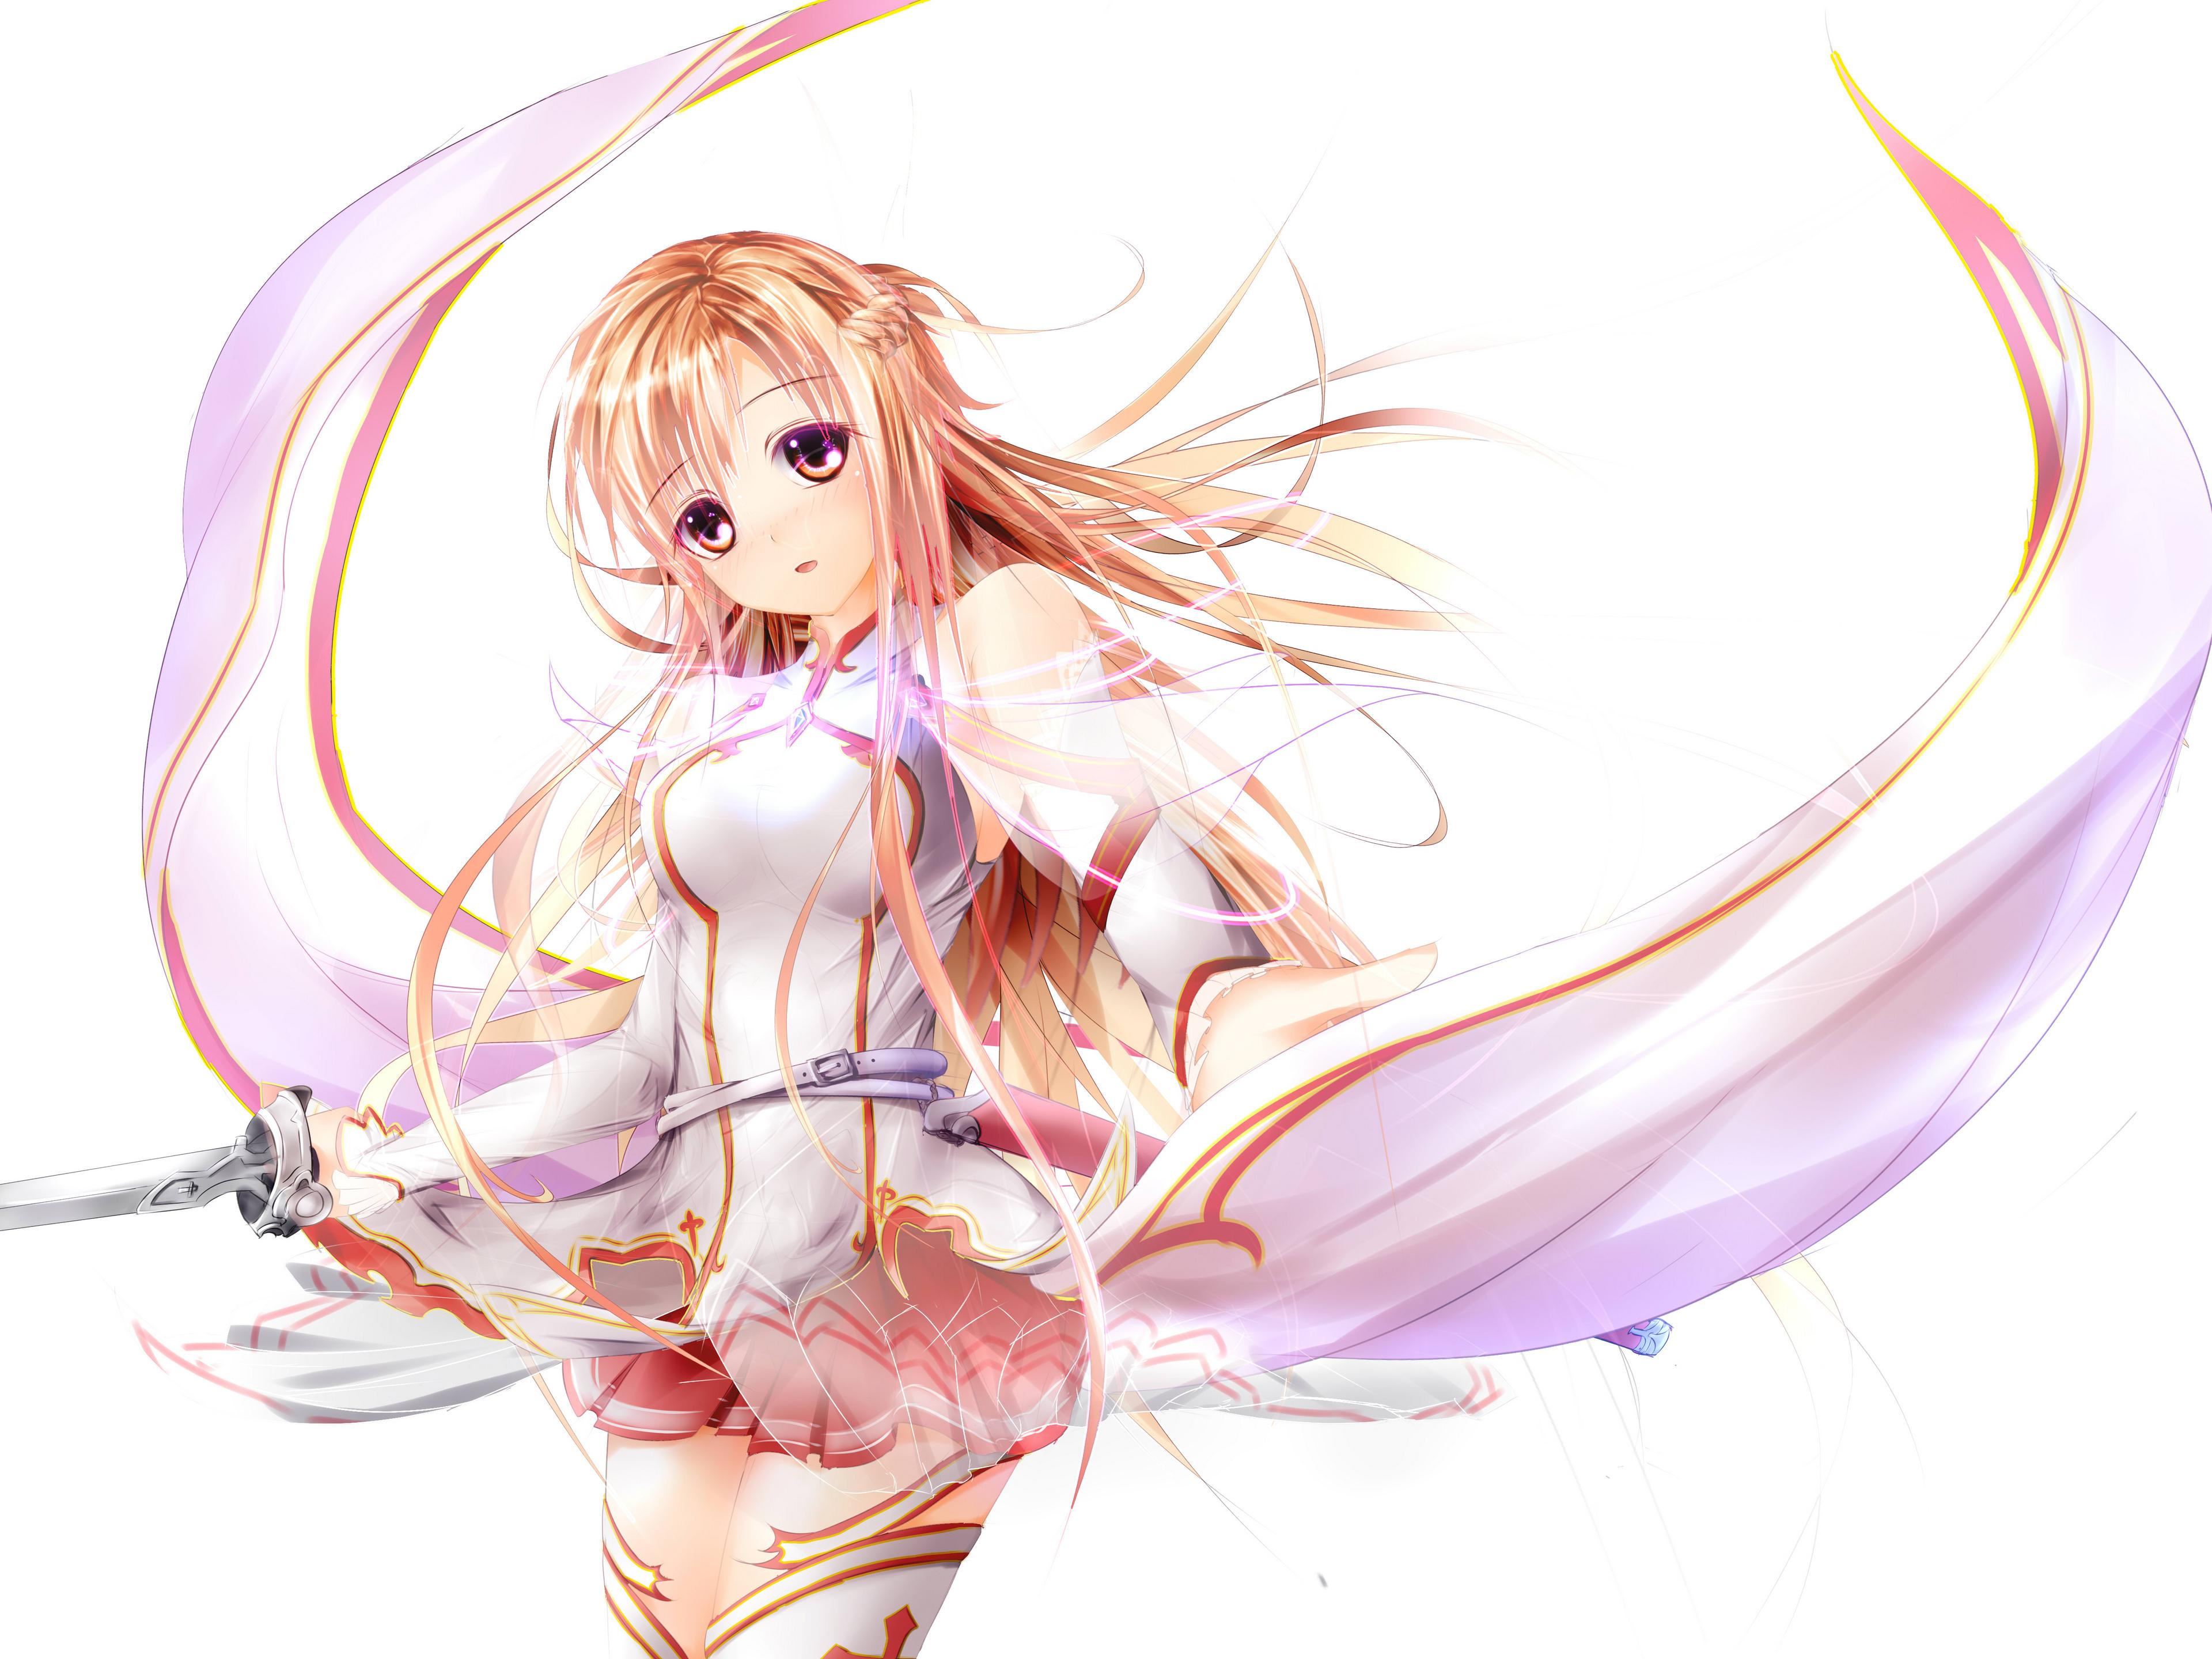 Wallpaper Sword Art Online Asuna Arte